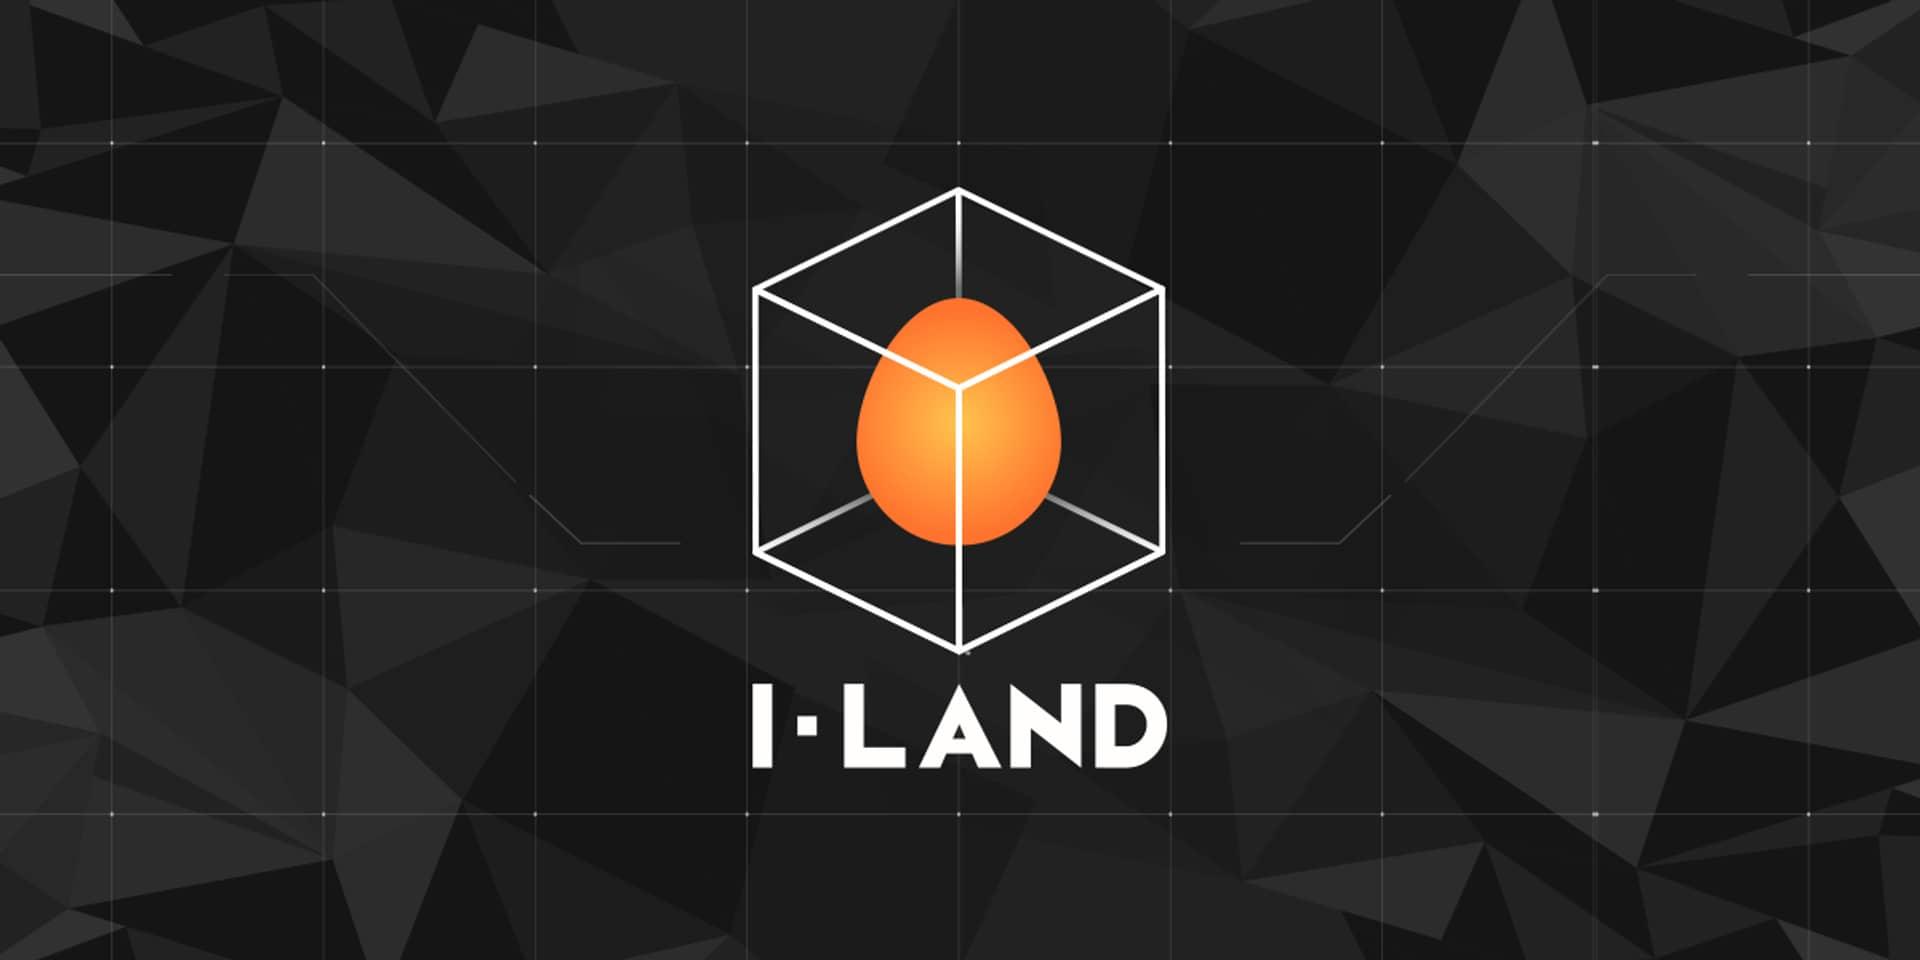 I-LAND 2 – estreia, participantes, ranking, vencedores, novo grupo feminino